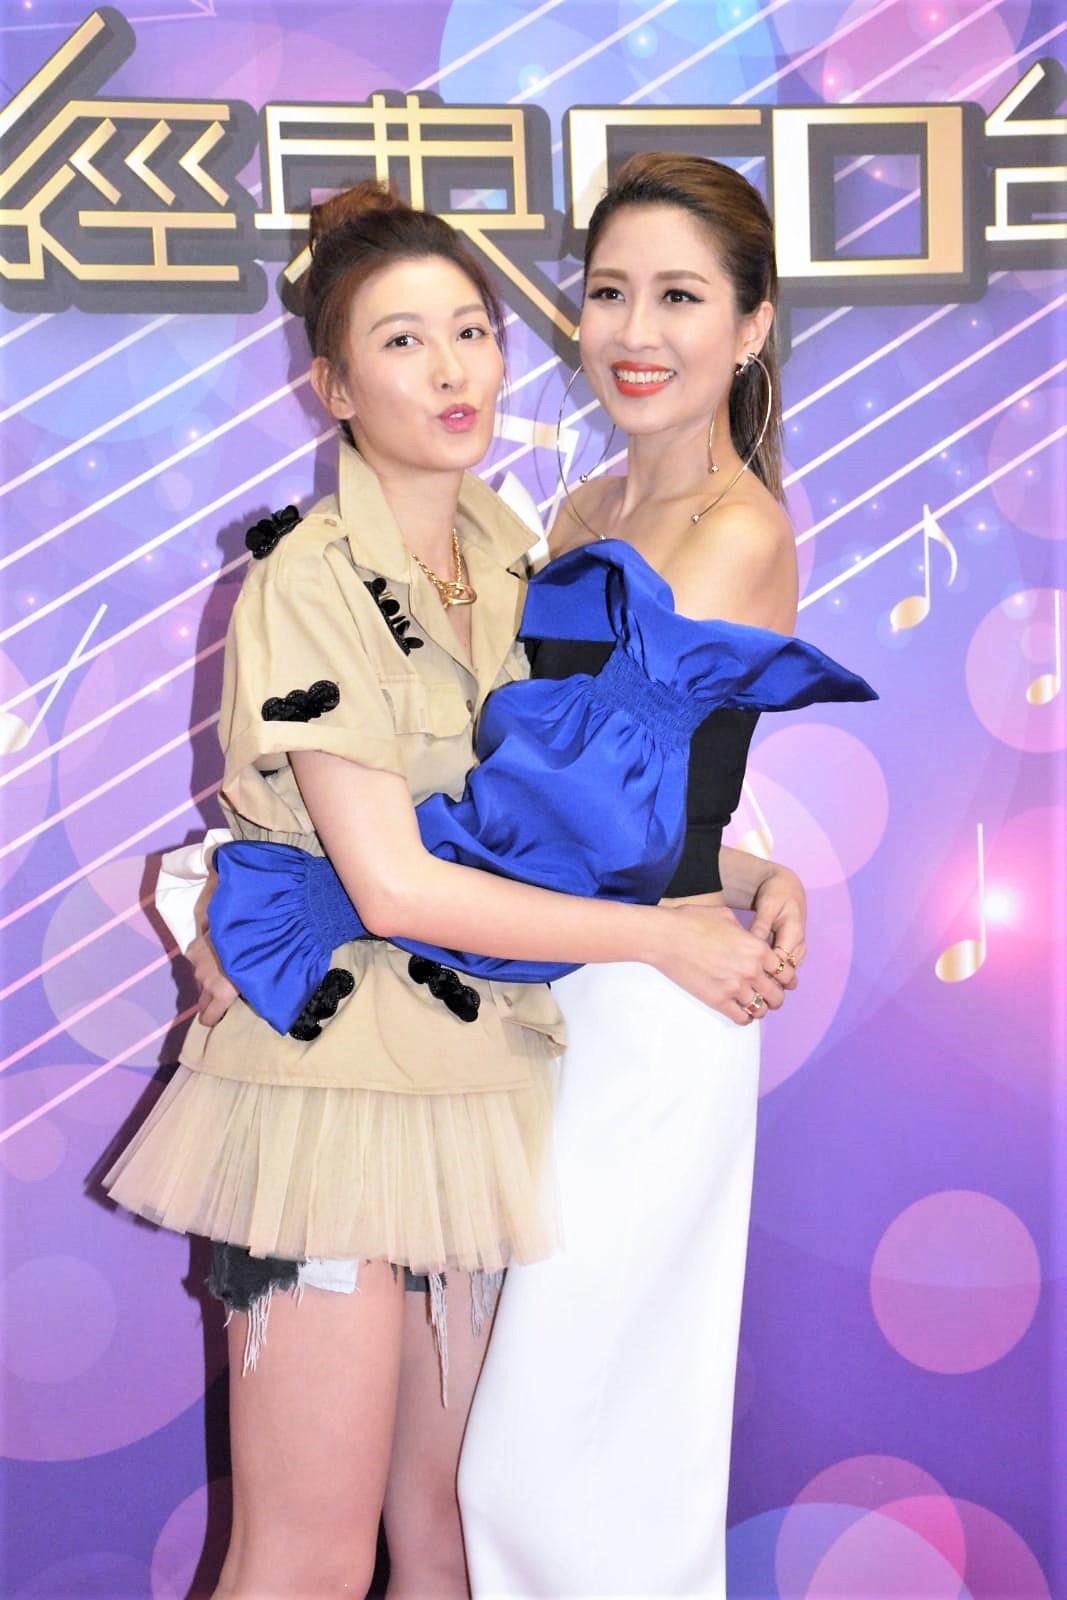 李彩華(左)同好姊妹陳敏之亮相無線節目。